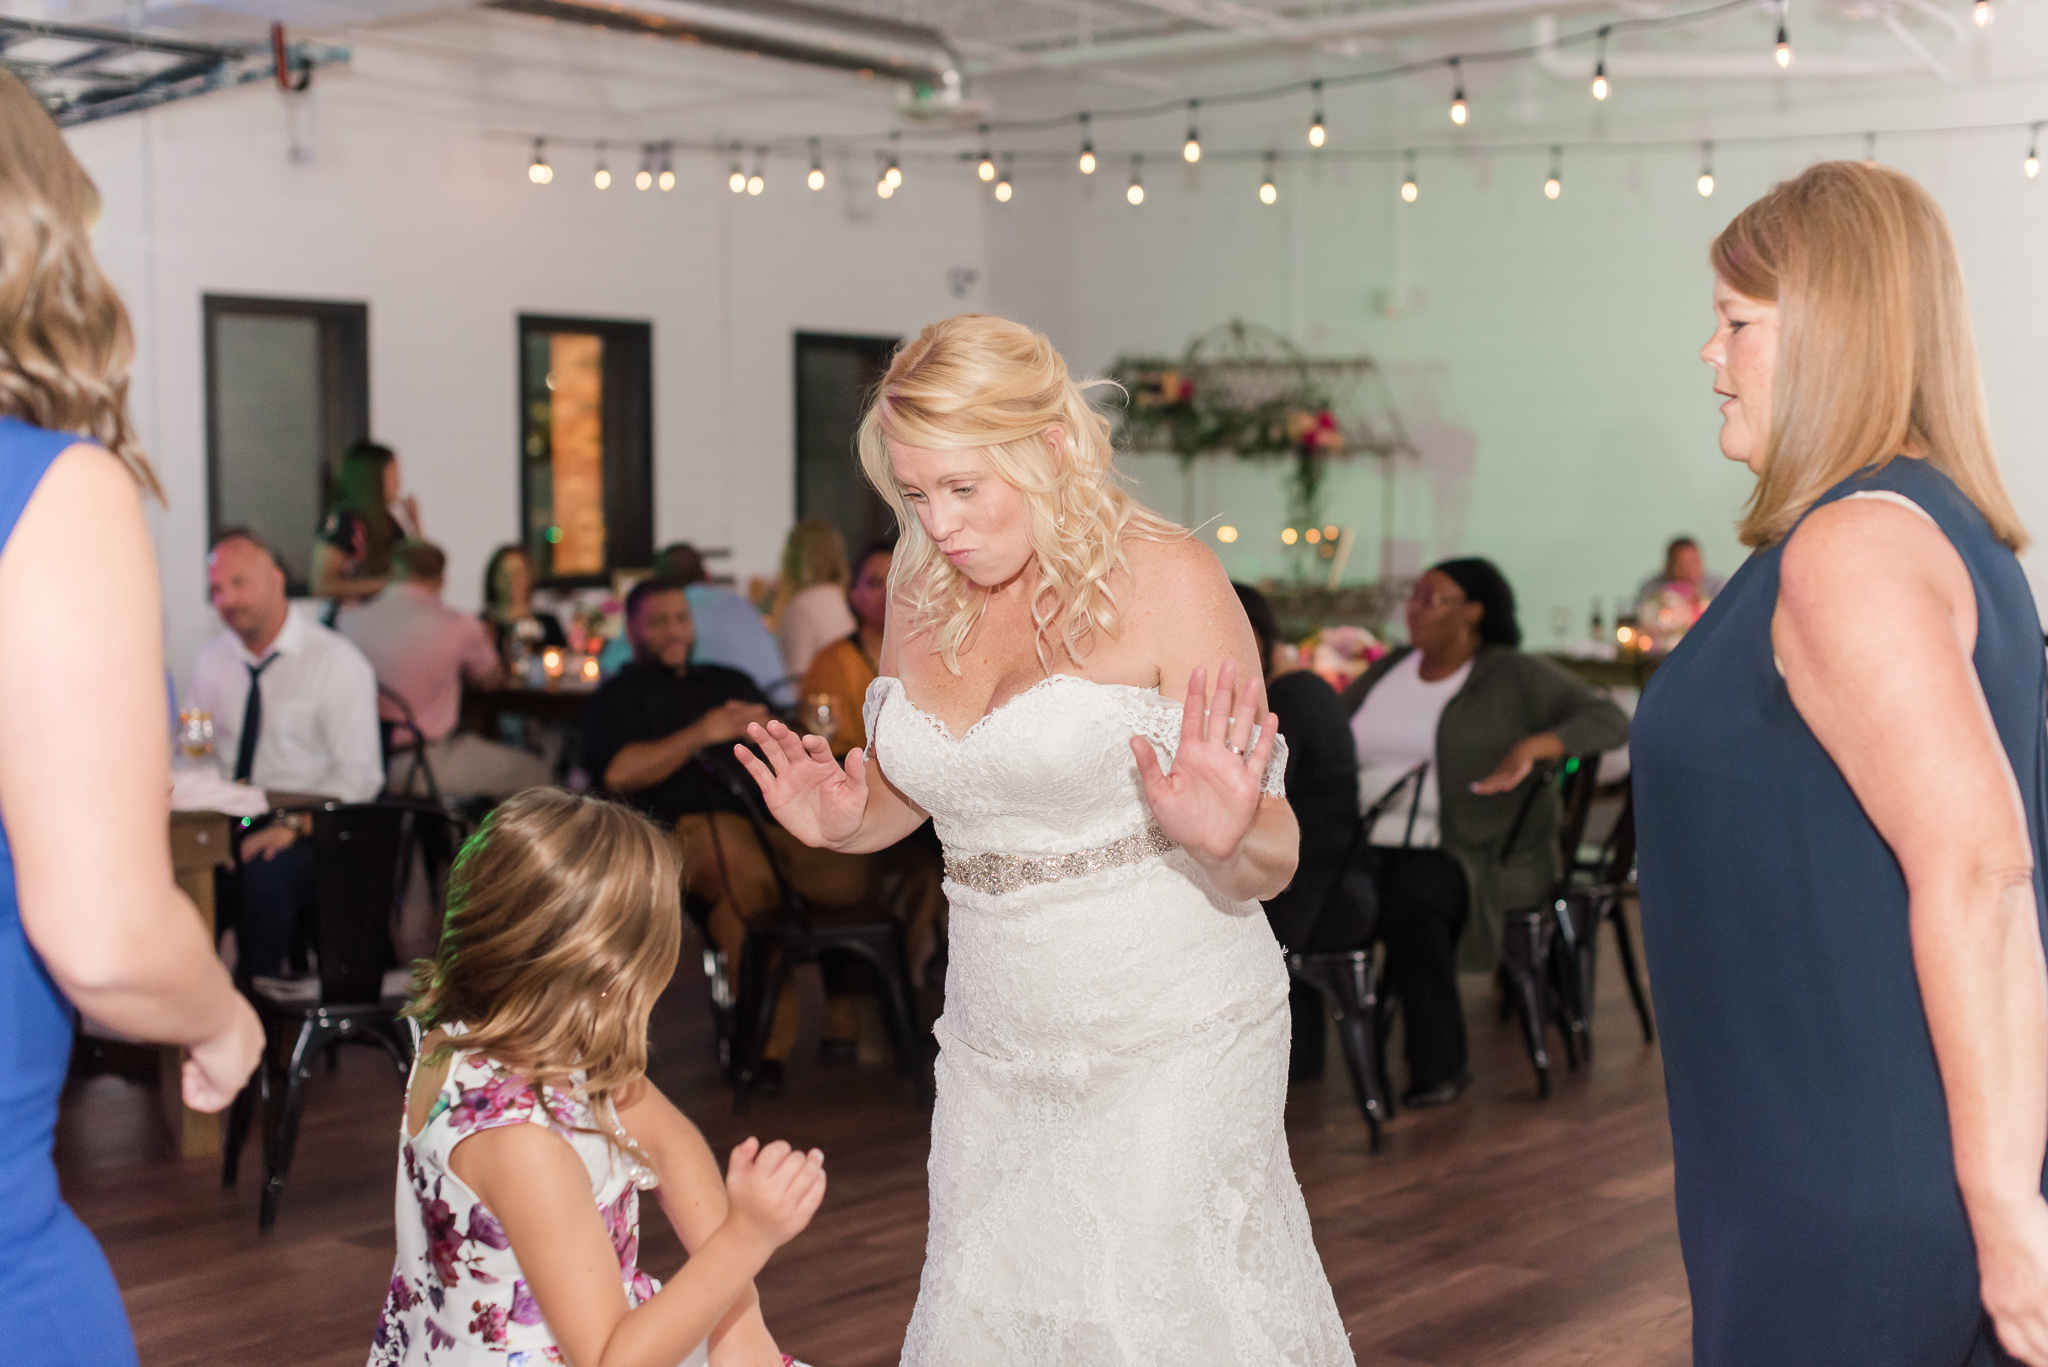 Wedding Reception at Bash in Carmel Indiana8425.jpg